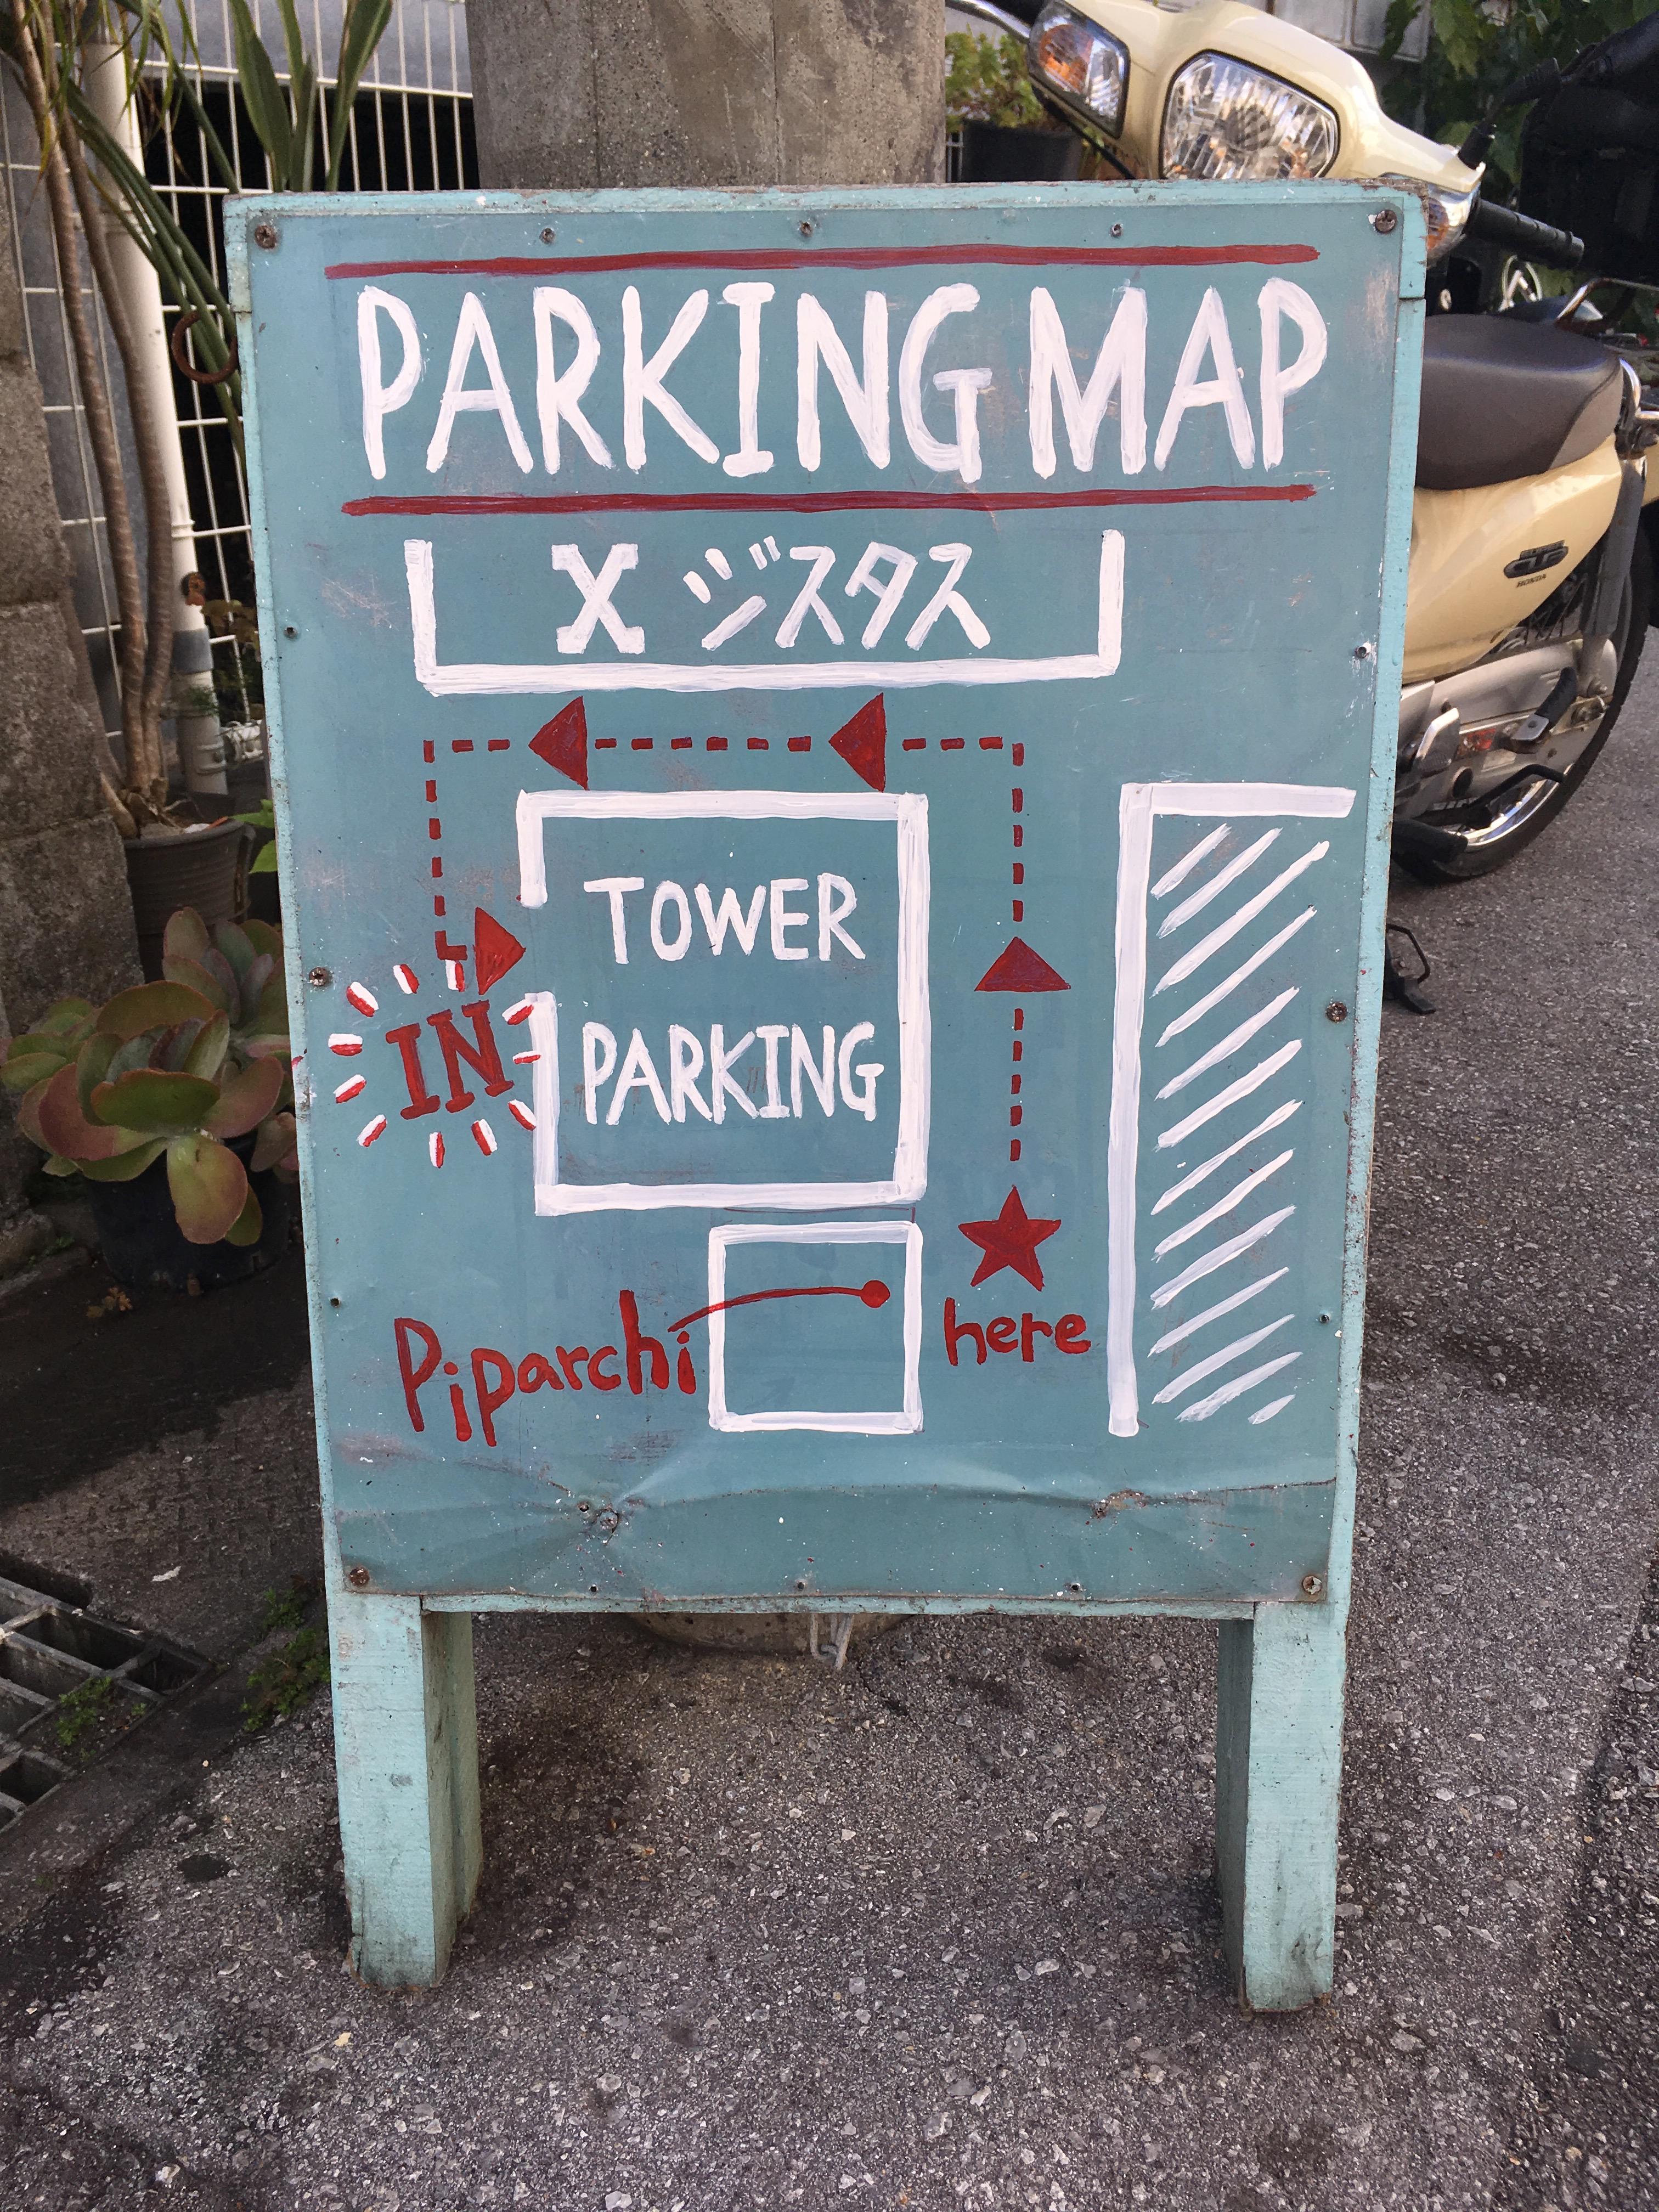 ピパーチキッチンの駐車場案内